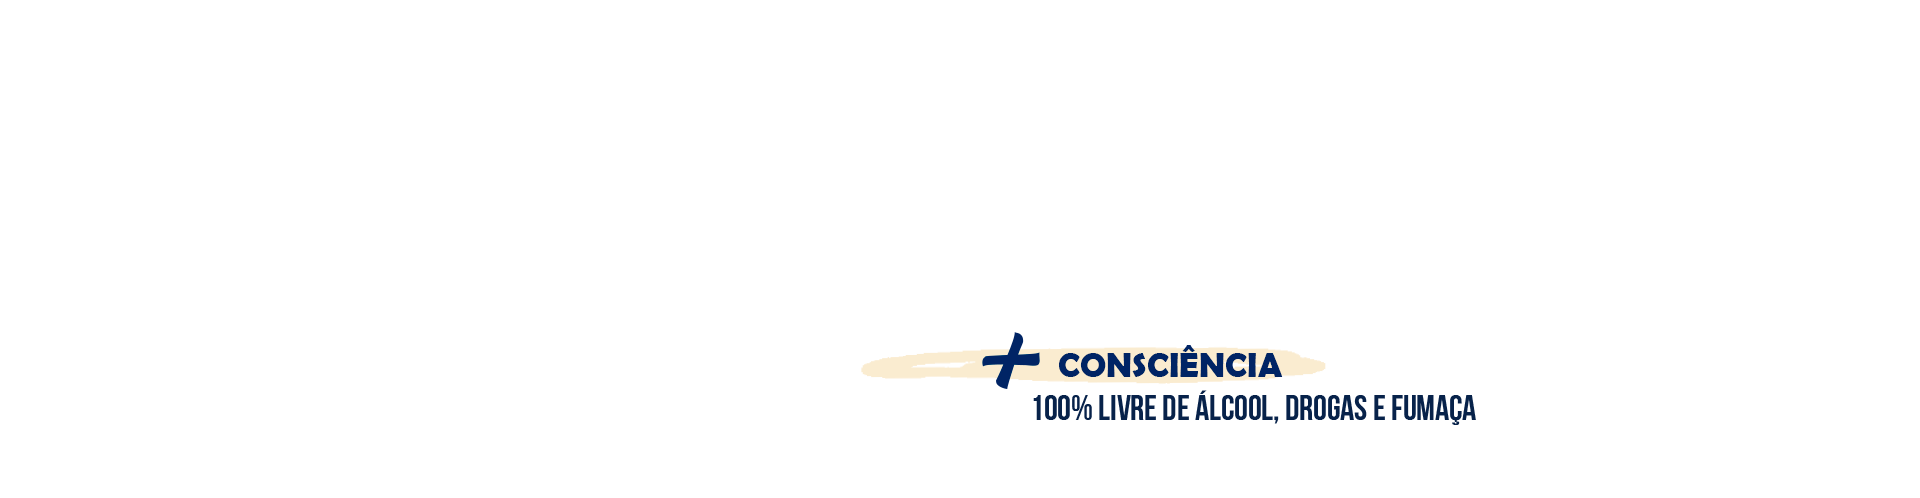 consciencia-pt.png